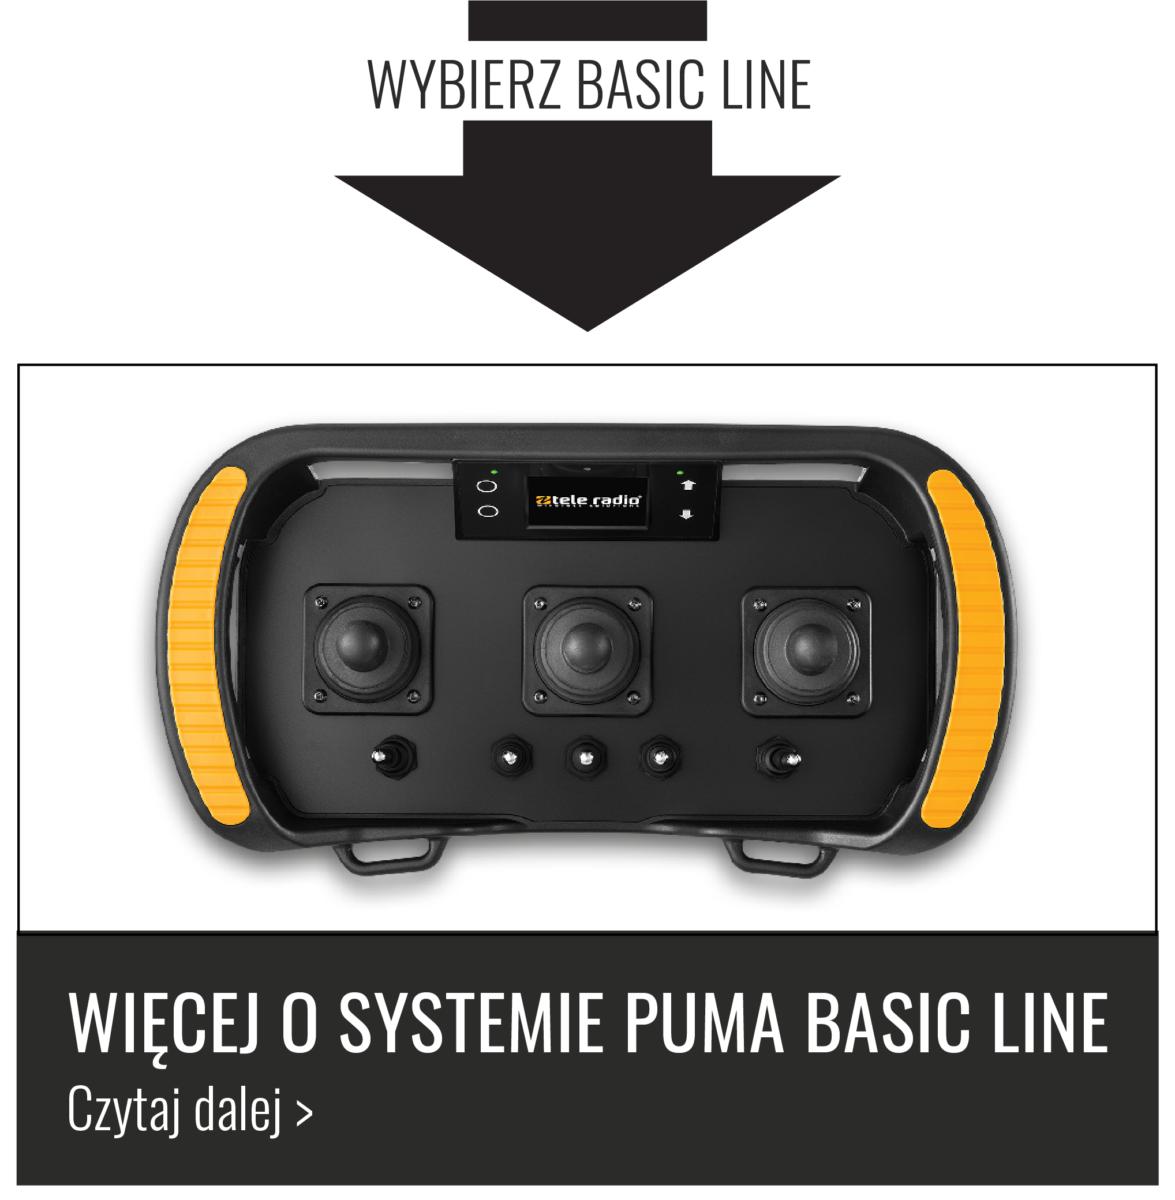 Puma Basic Line